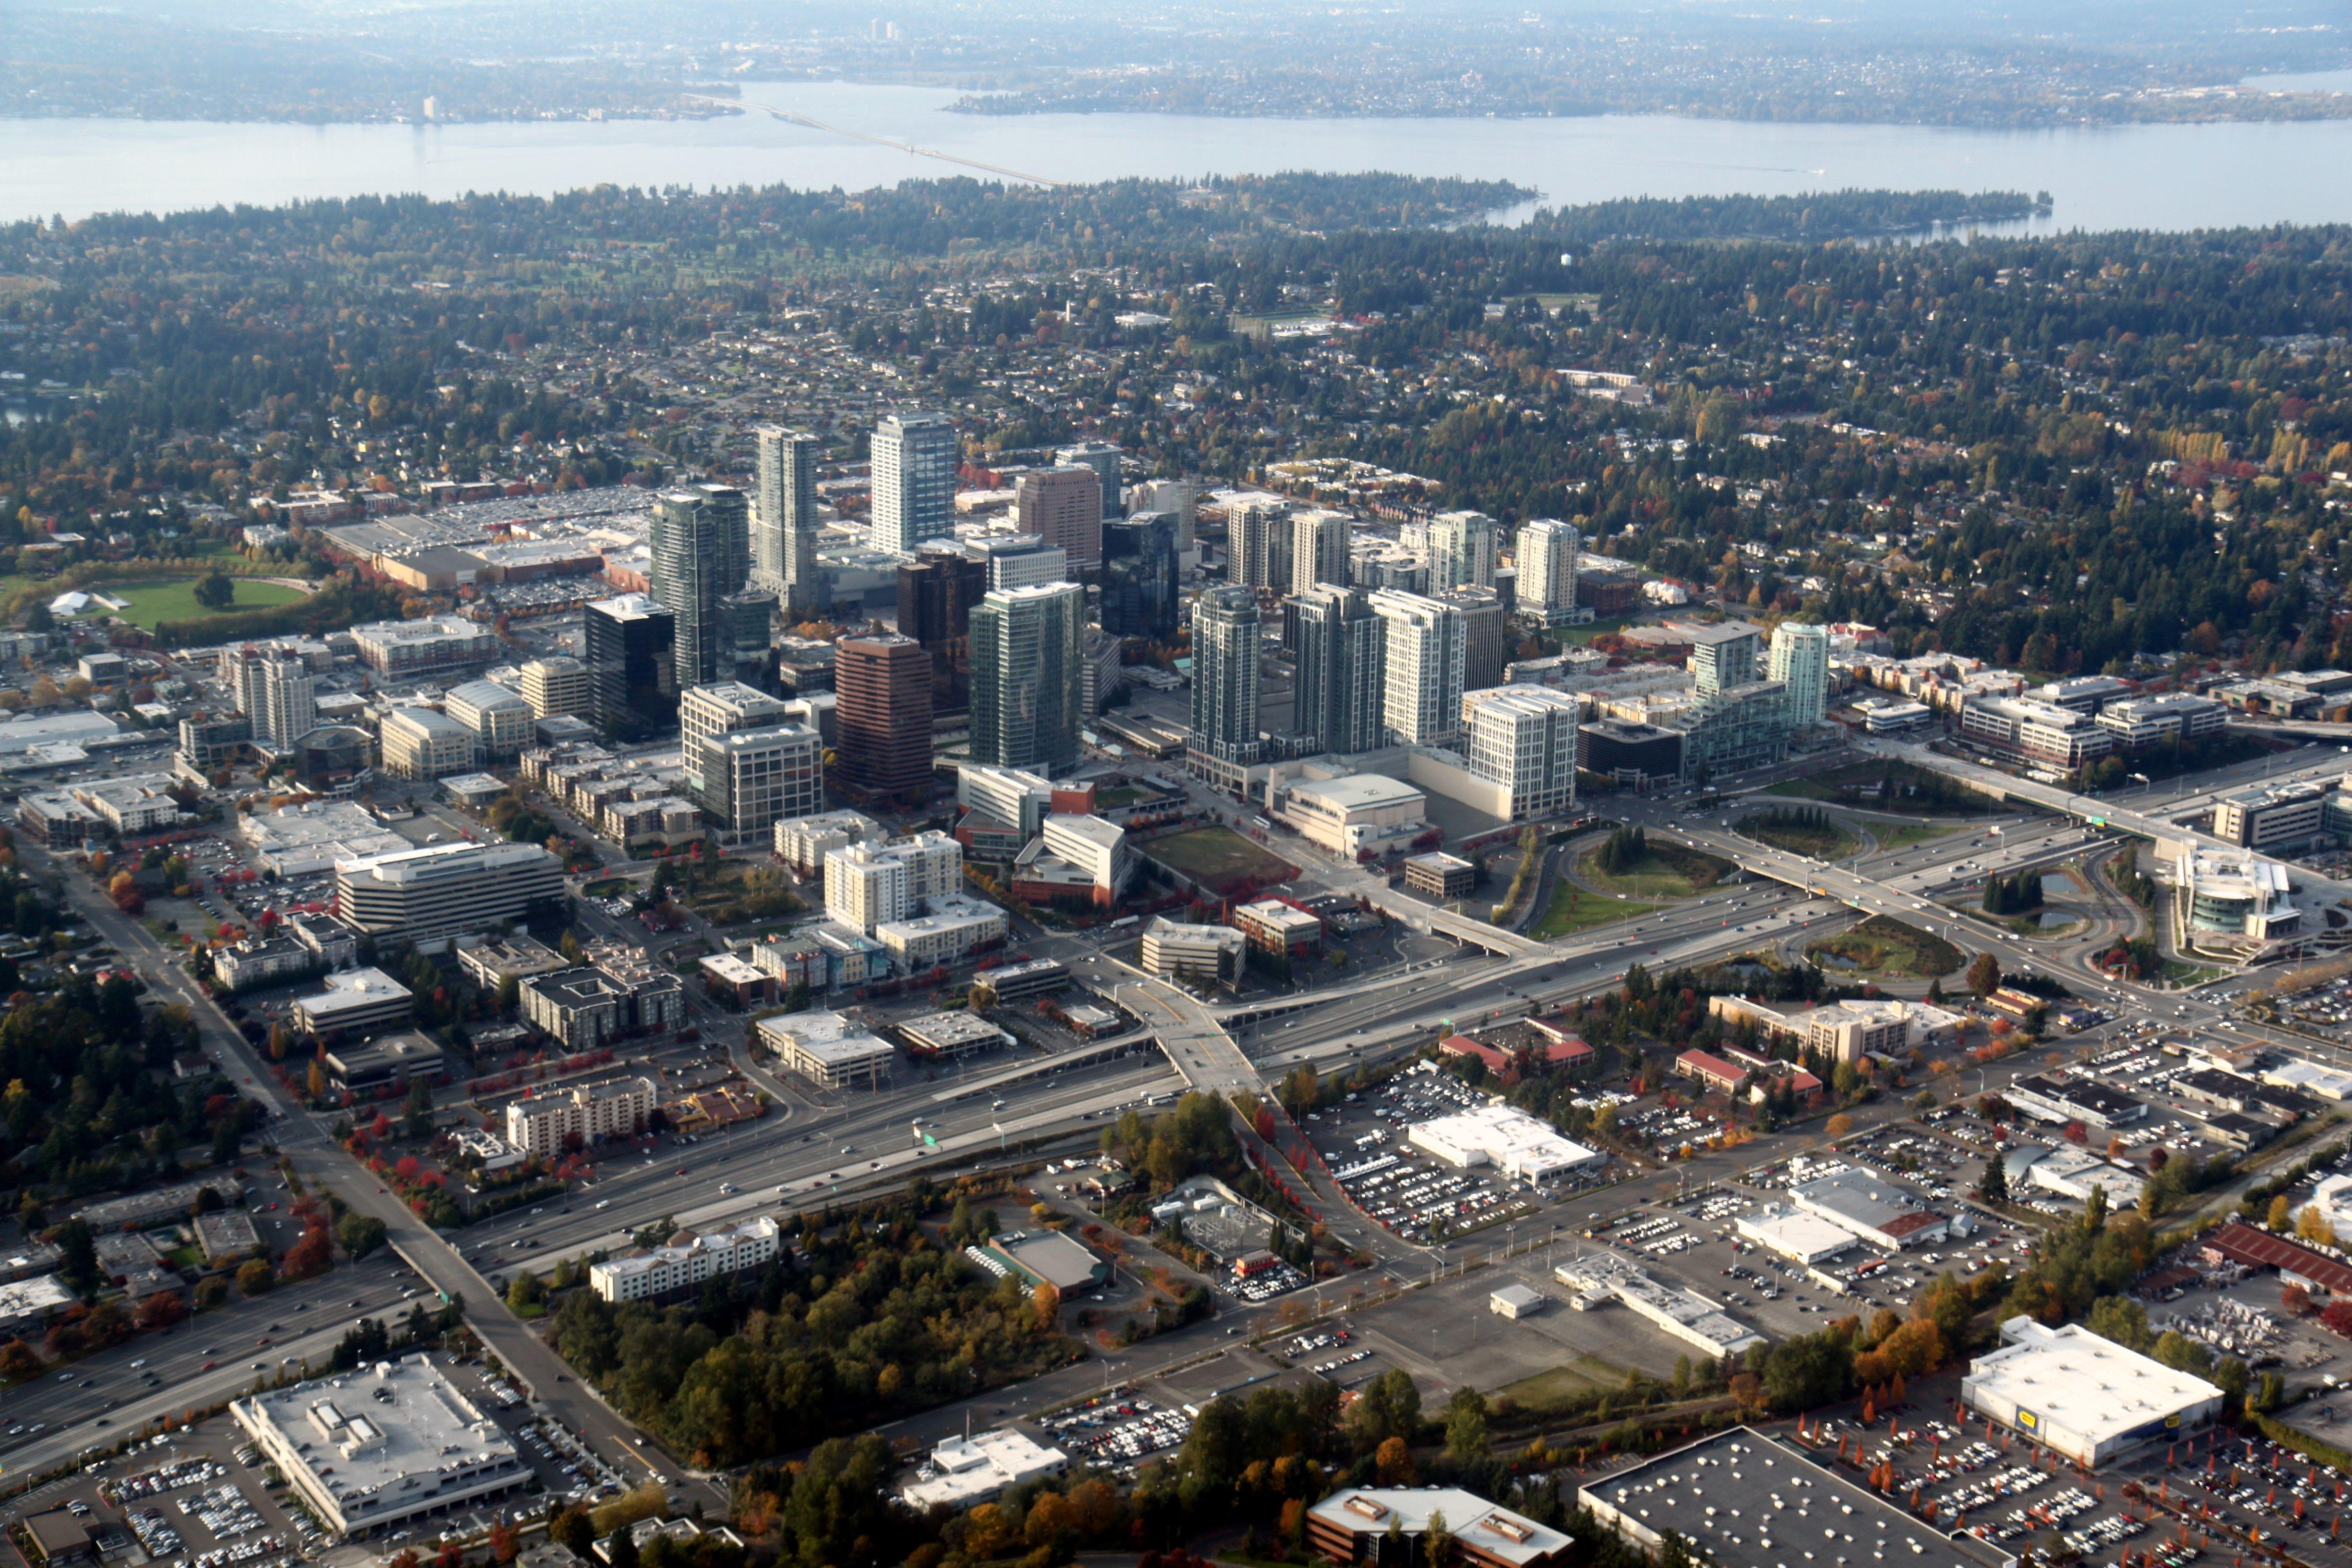 Bellevue, WA: Just across Lake Washington from Seattle, Bellevue ...